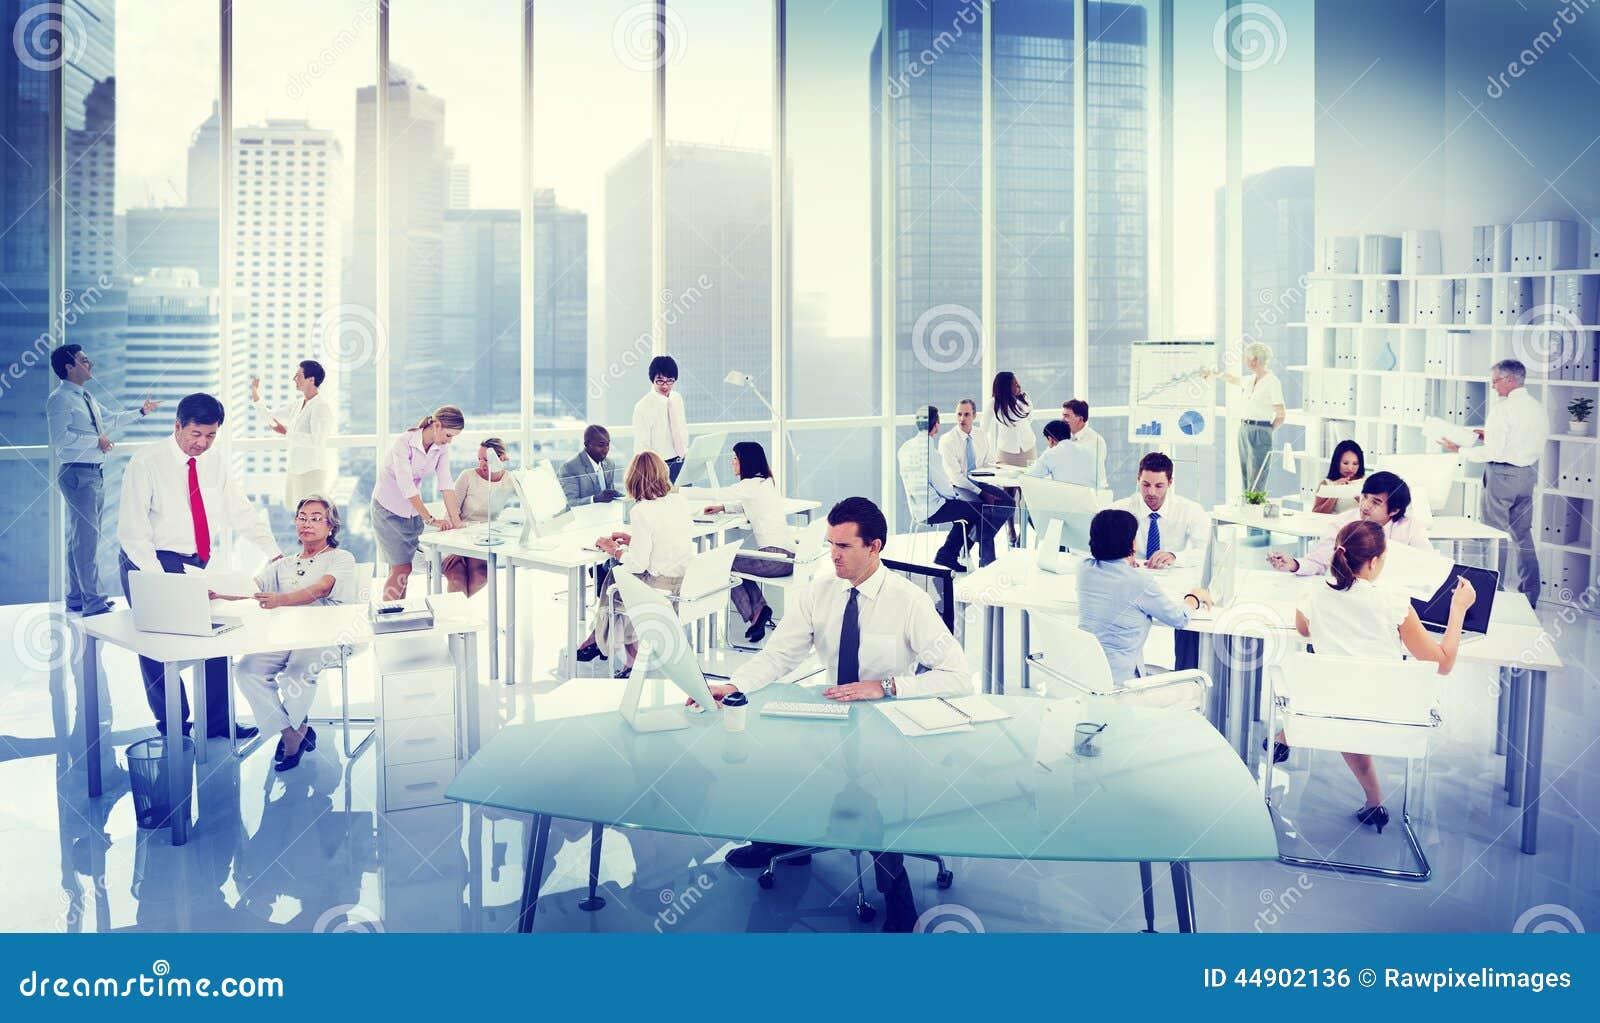 Hombres de negocios que trabajan en una oficina foto de for Explique que es una oficina